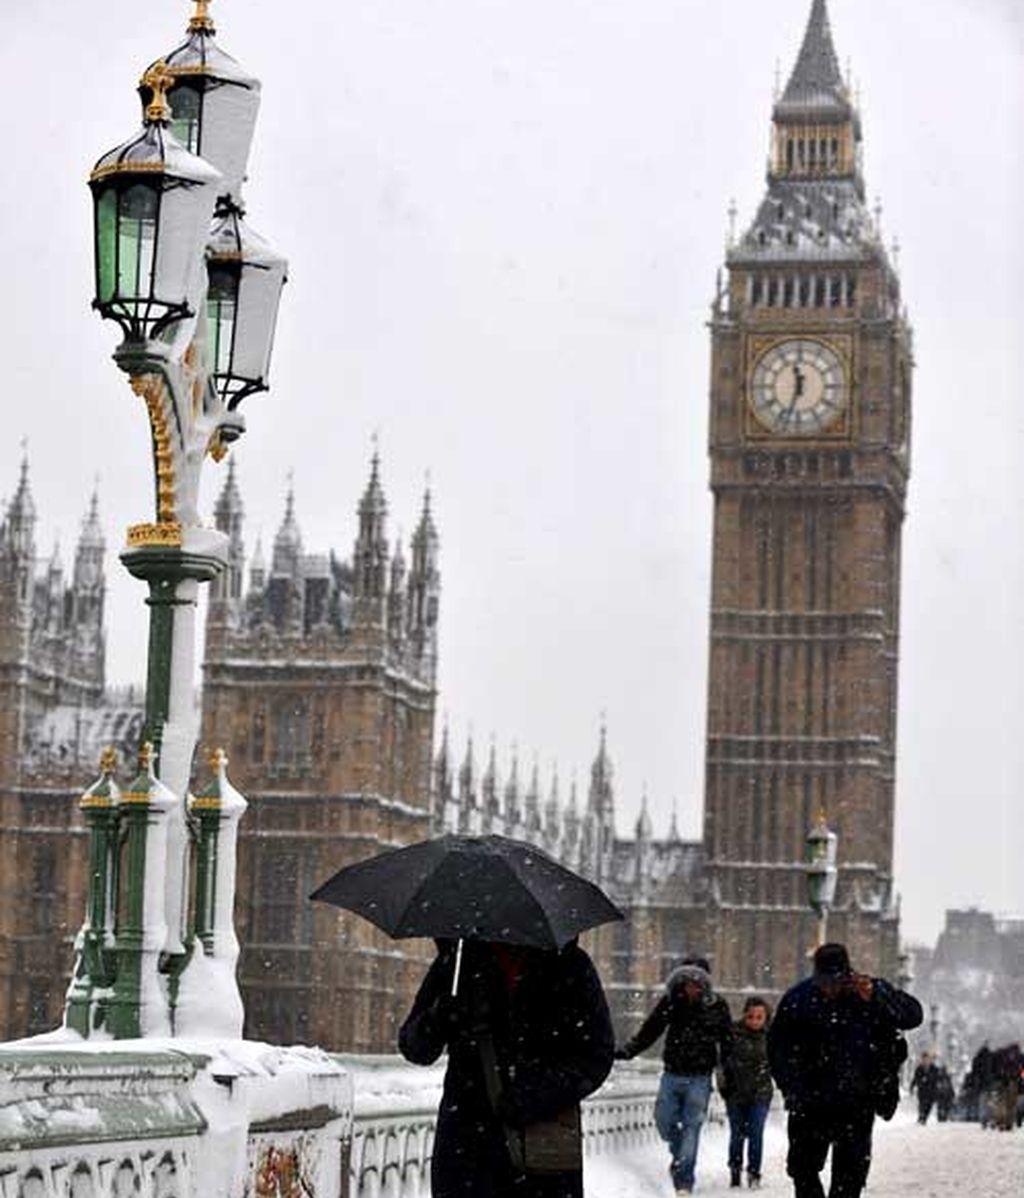 El temporal azota al Reino Unido